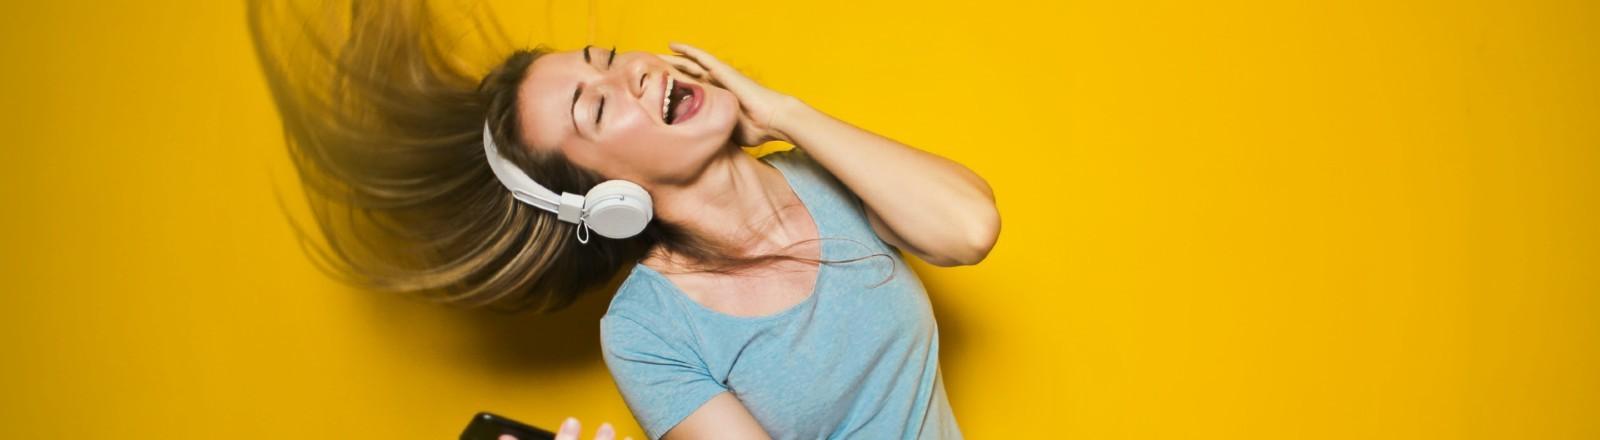 Frau mit Kopfhörern und Smartphone, die zu Musik tanzt, ihre Haare fliegen durch die Luft.